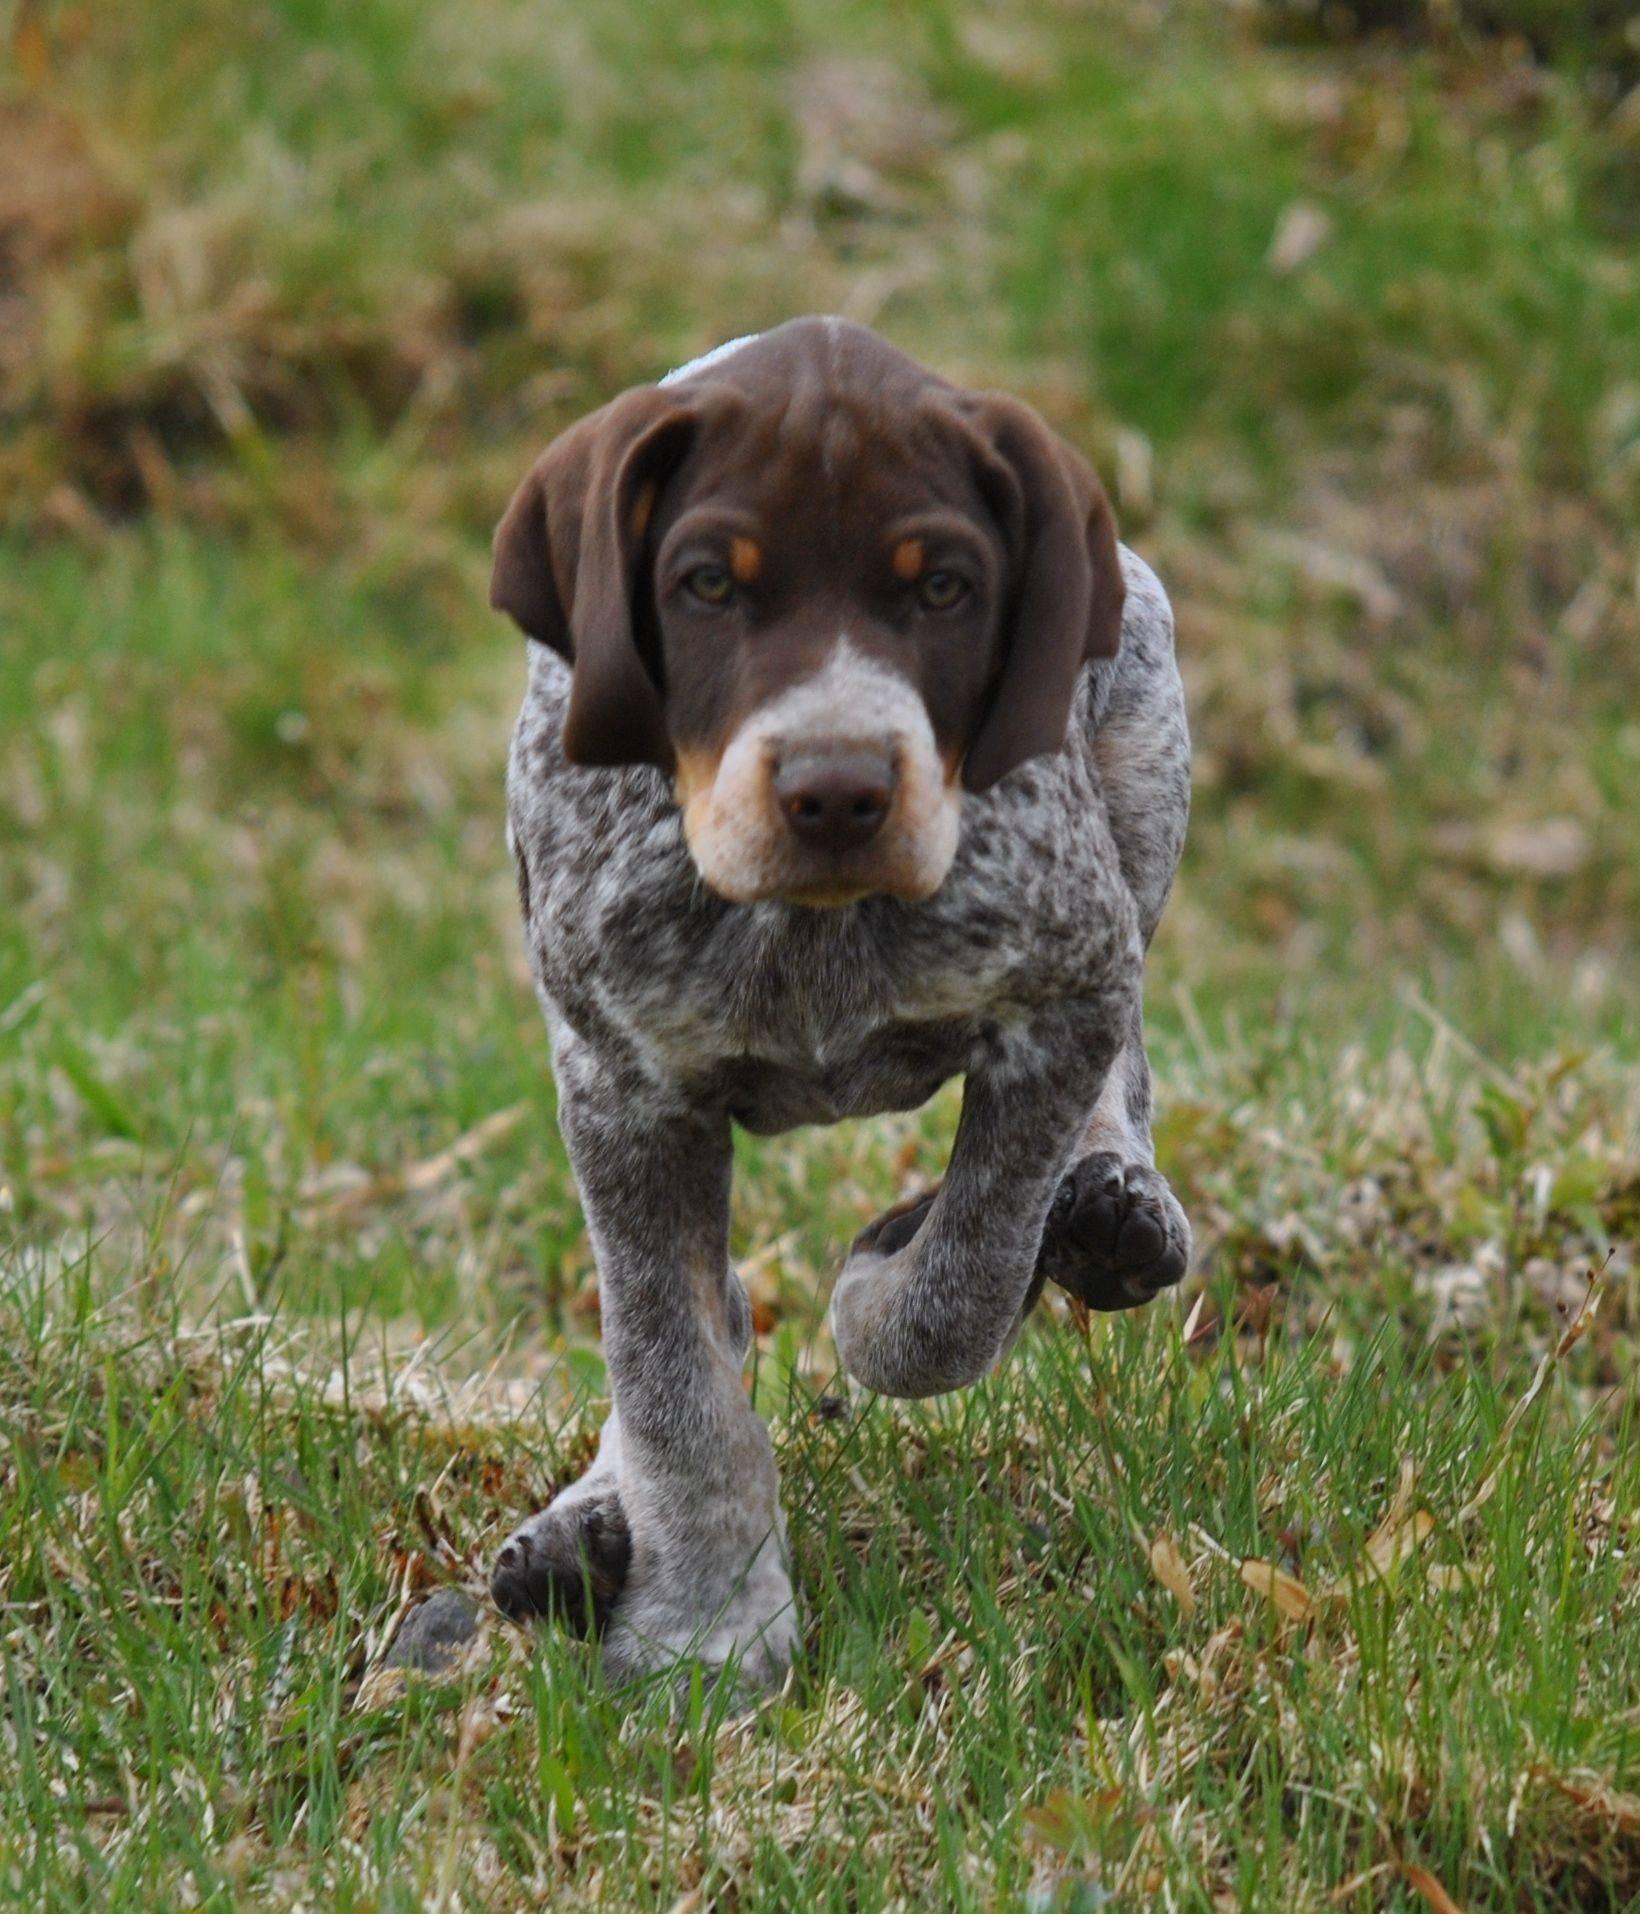 Описание английской породы собак пойнтер: внешность, поведение, дрессировка